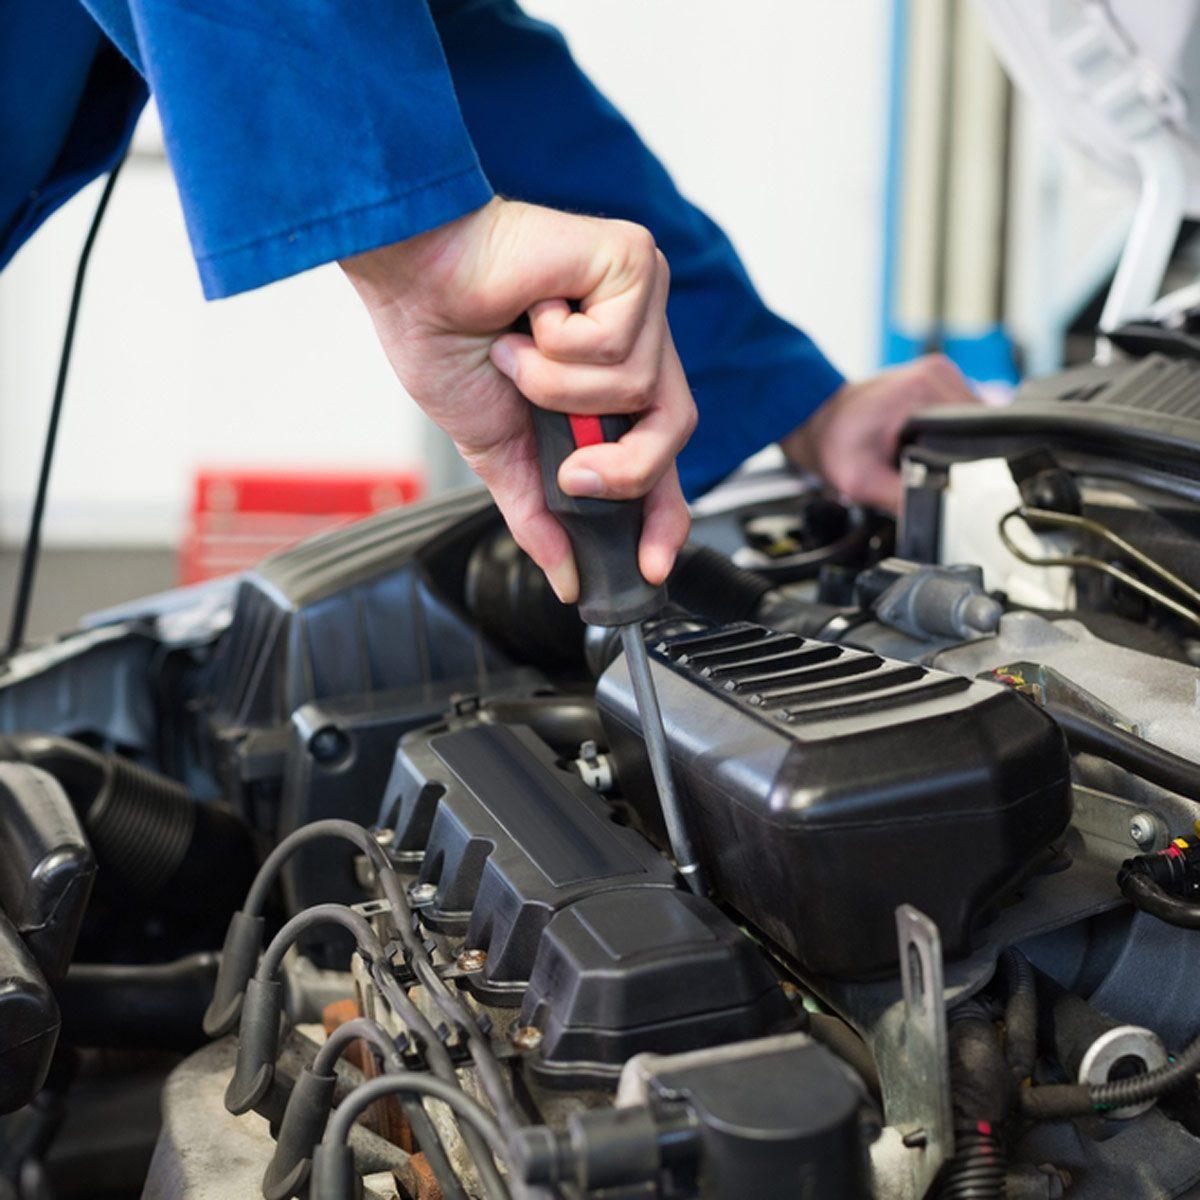 Starter motor malfunctions